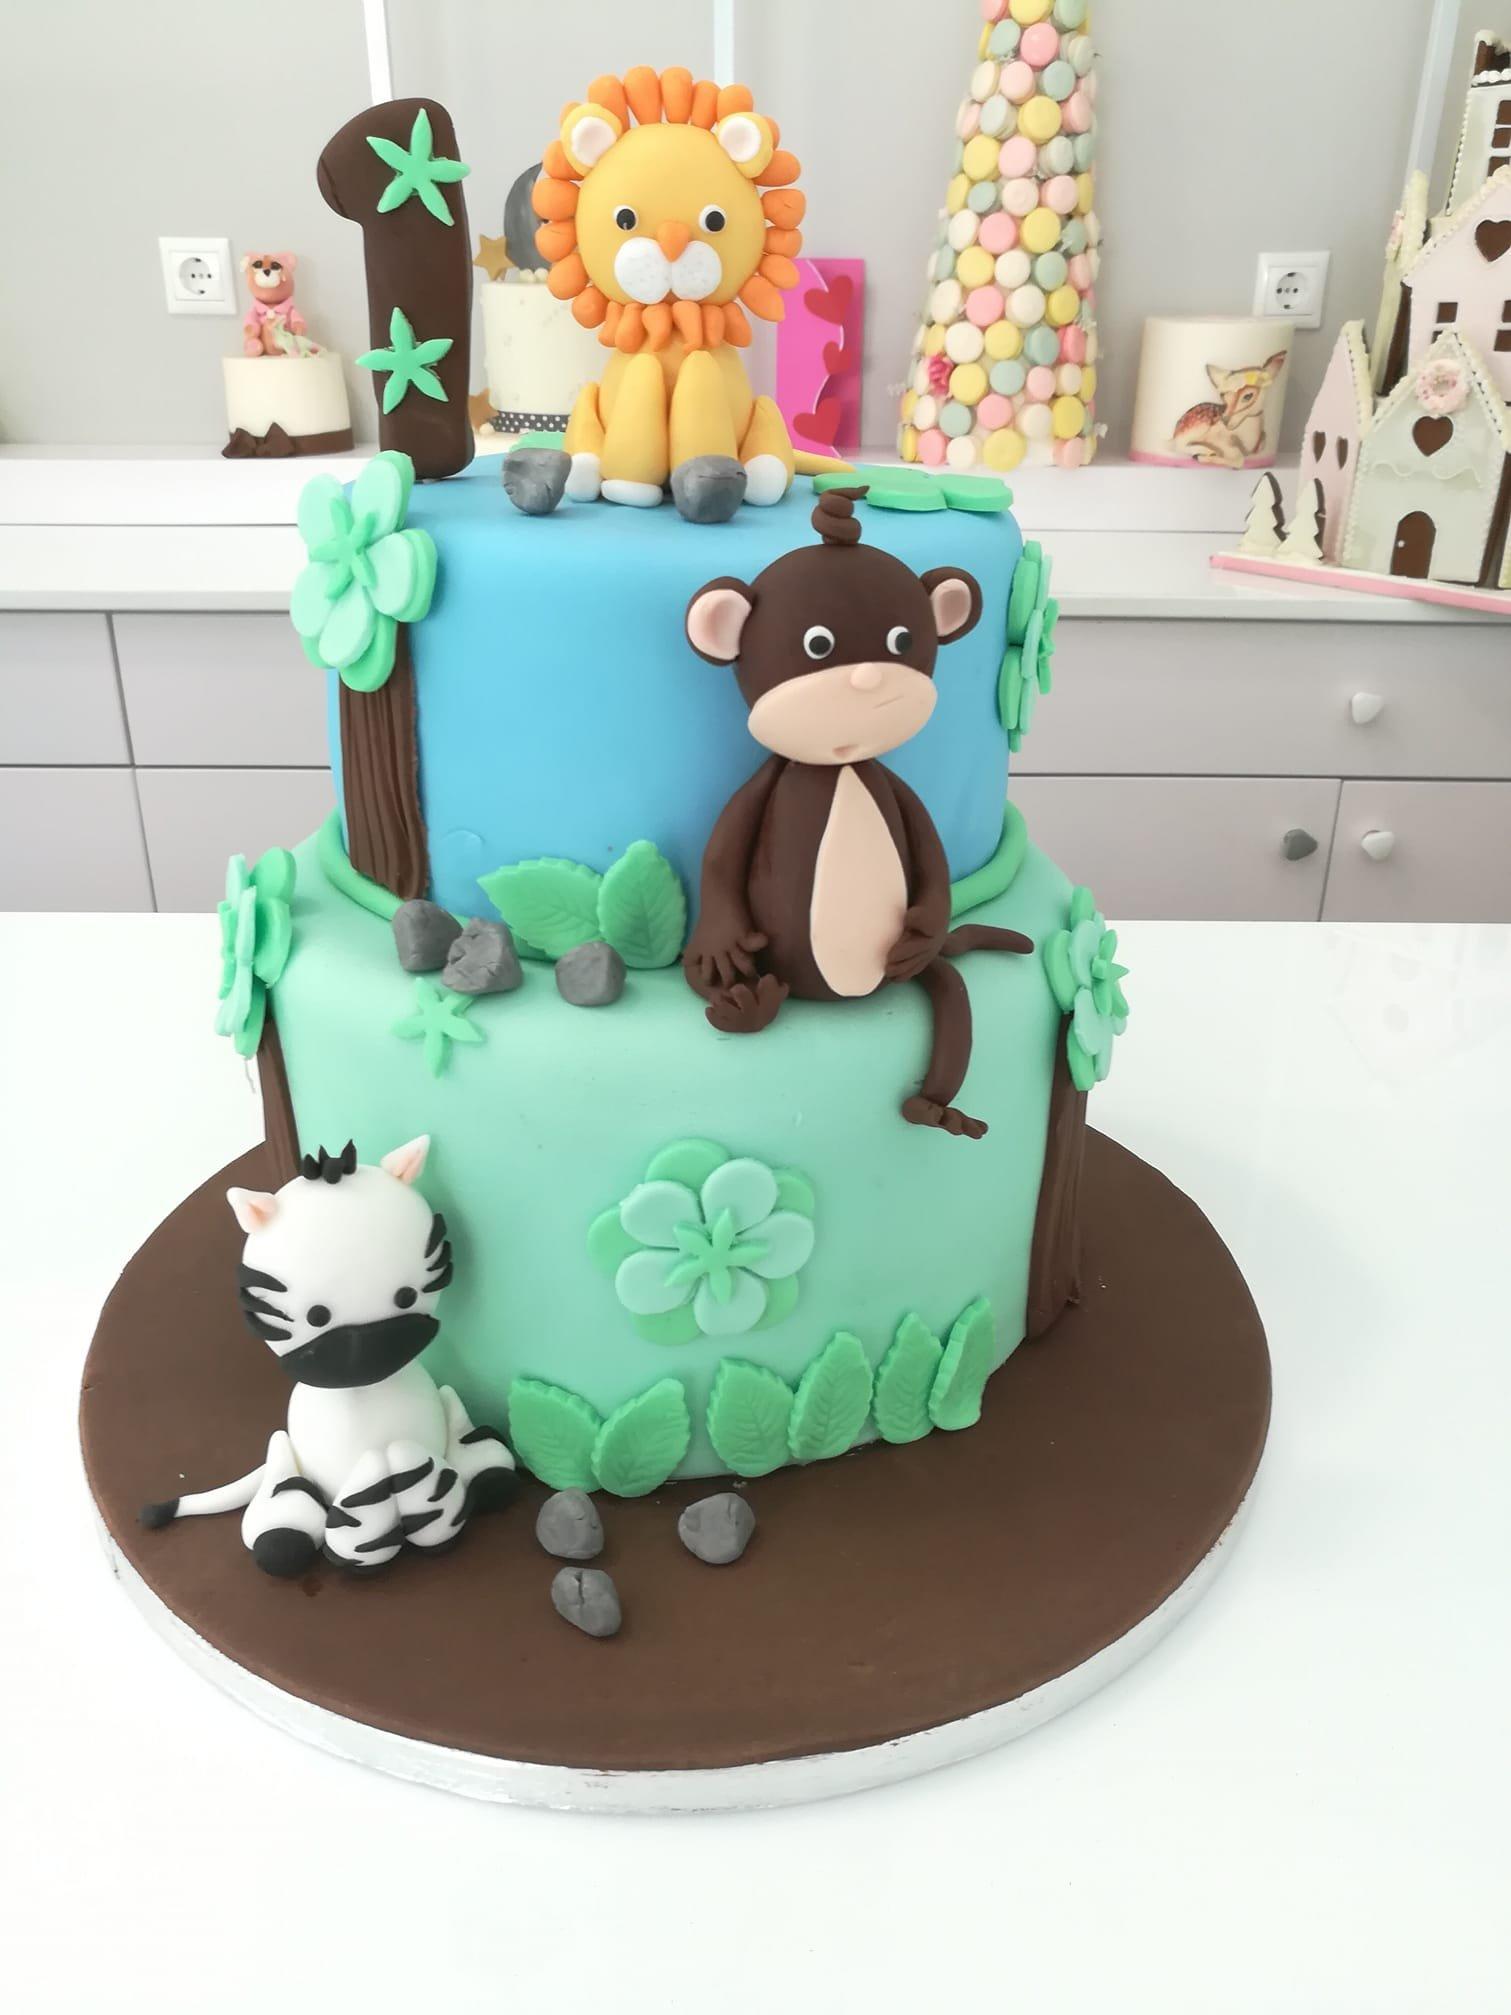 τούρτα από ζαχαρόπαστα ζώα της ζούγκλας Jungle cake themed cake, Ζαχαροπλαστεία Καλαμάτα madame charlotte, τούρτες για πάρτι παιδικές γενεθλίων για αγόρια για κορίτσια για μεγάλους, birthday themed cakes patisserie confectionery kalamata